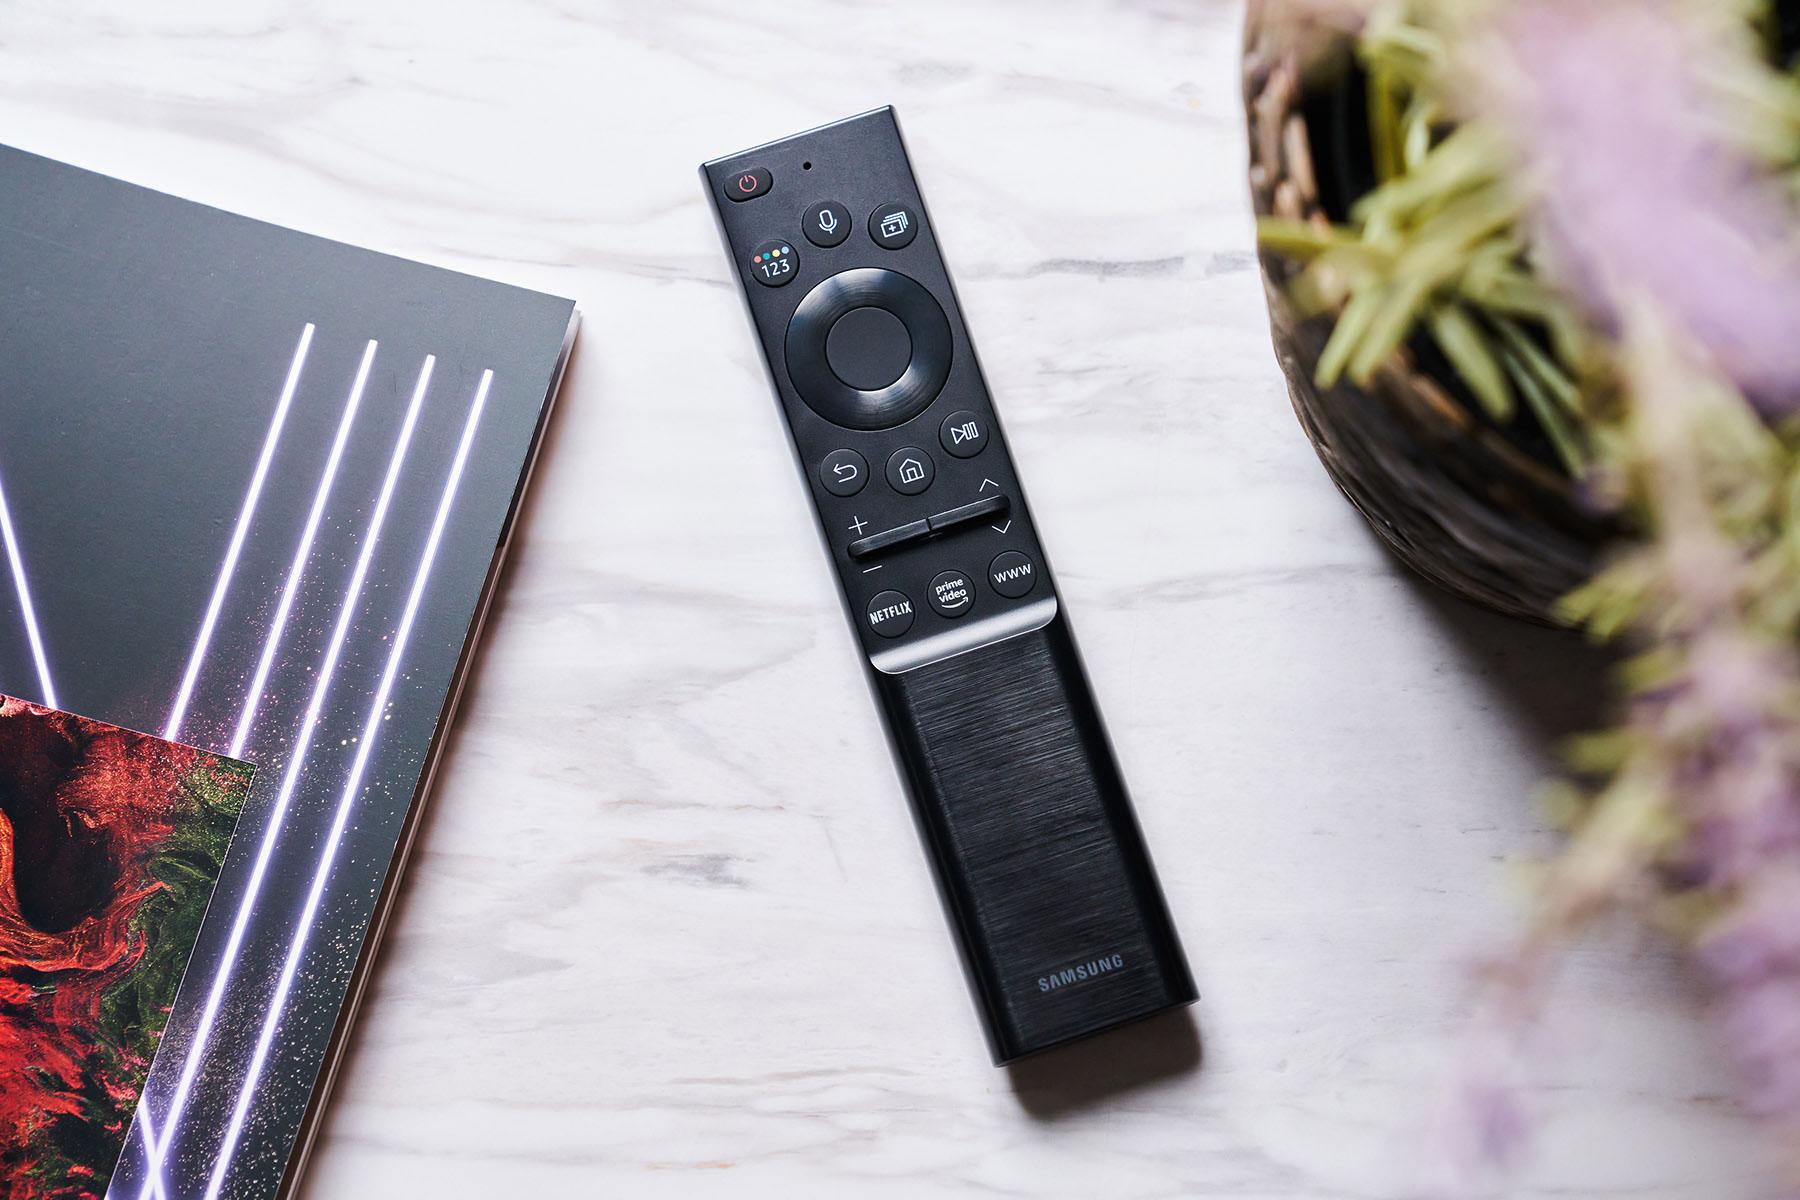 為了減少一次性電池的使用,Neo QLED 8K 量子電視的遙控器設計了太陽能與 Type C 兩種充電方式,可以看到遙控器背面上半部配置了太陽能板,透過日光或室內燈光,都能進行充電。